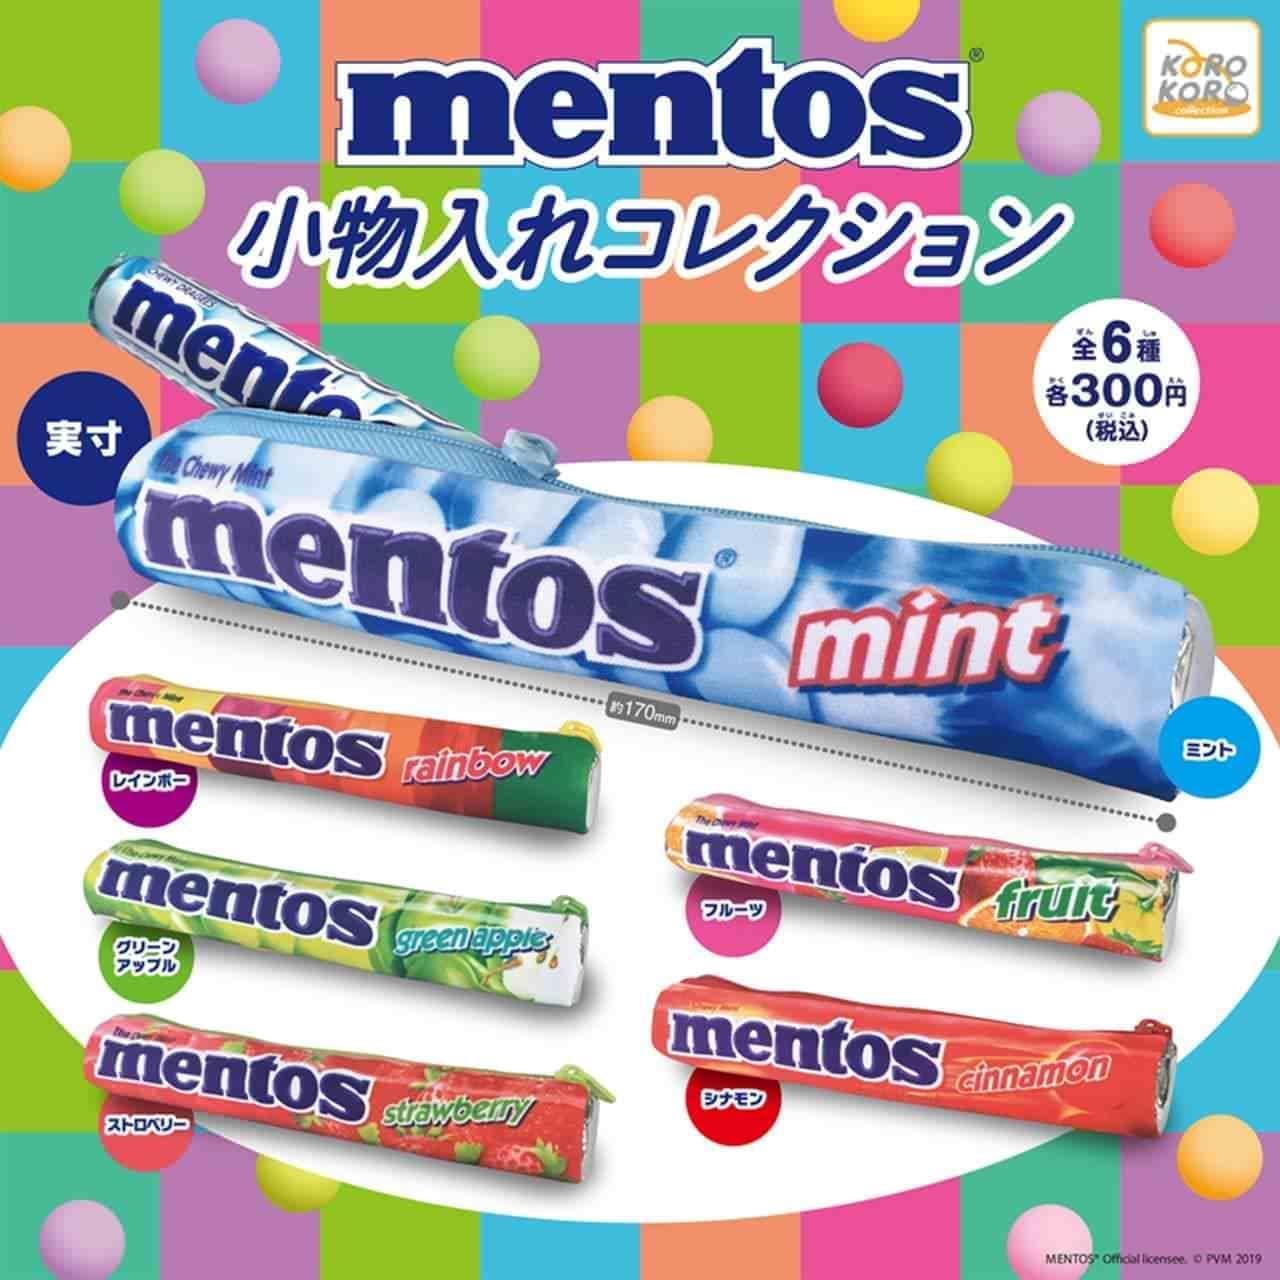 カプセルトイ「mentos 小物入れコレクション」